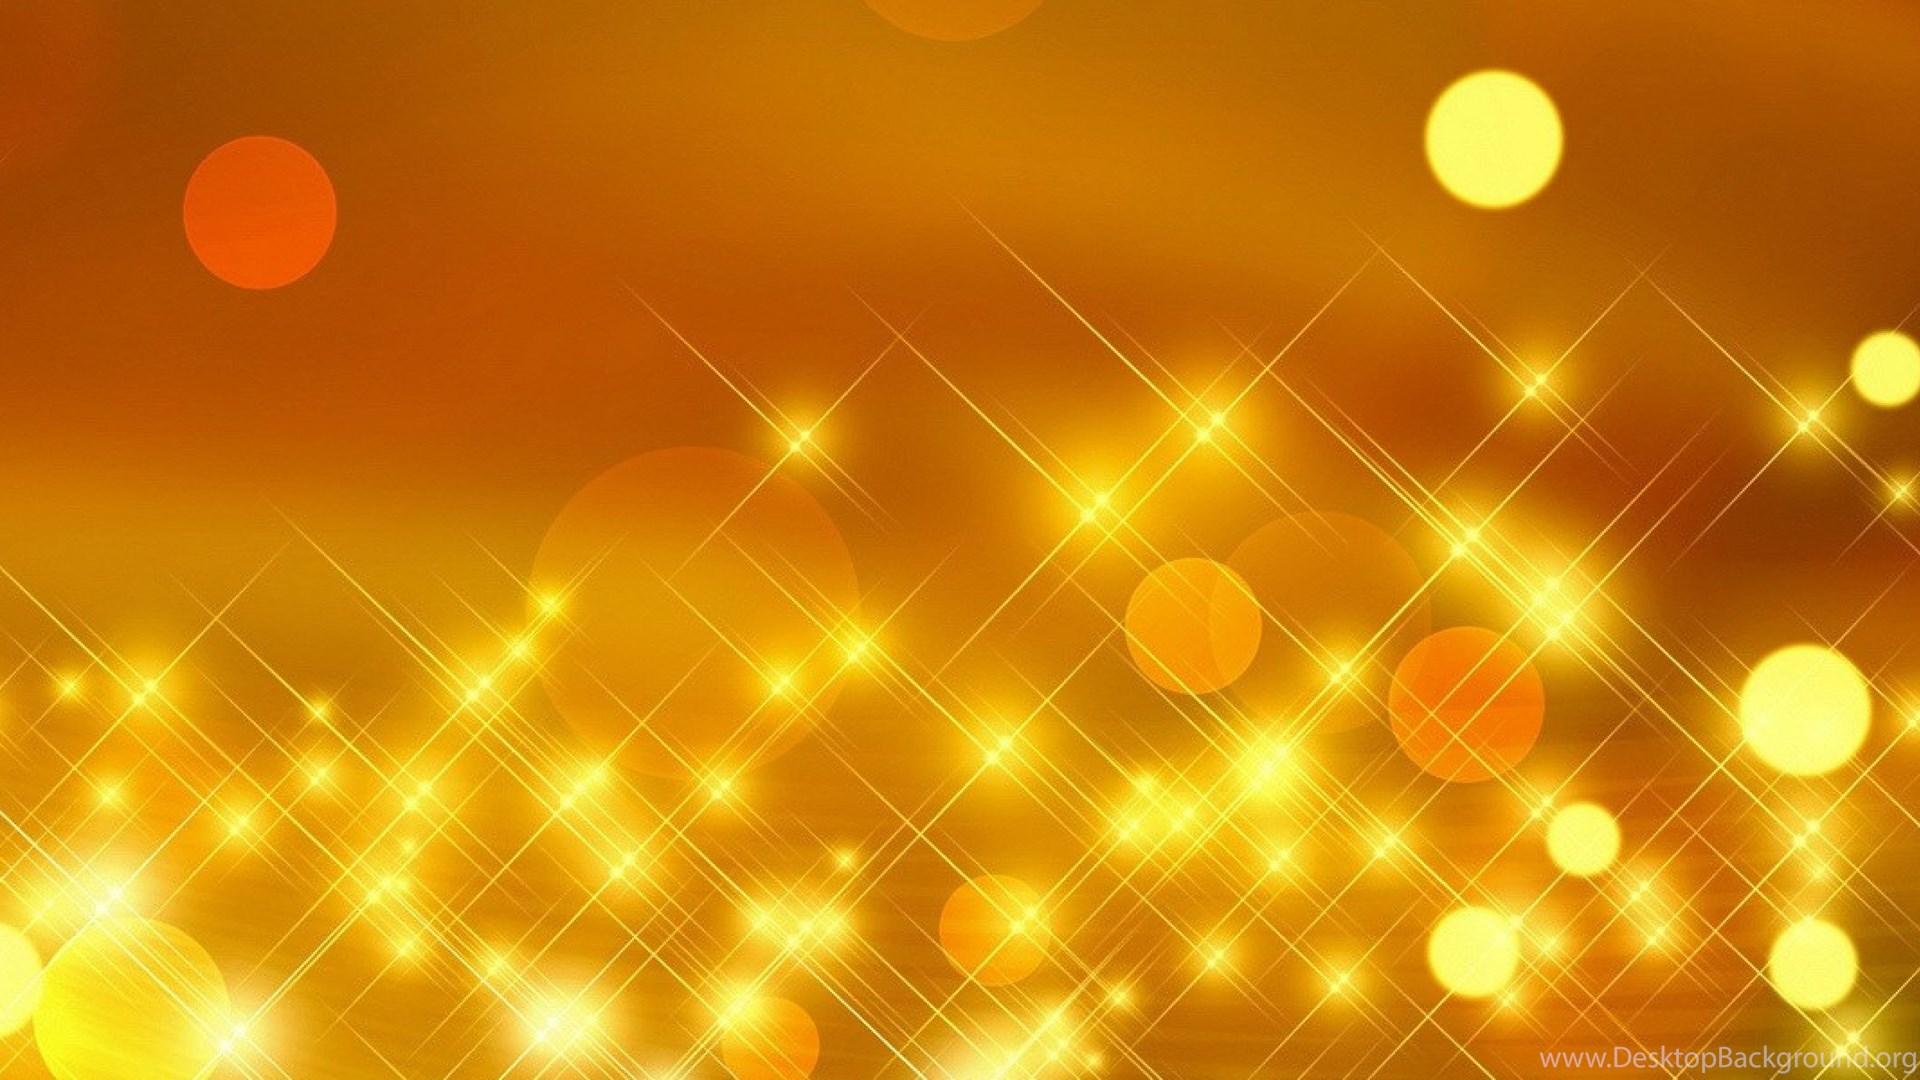 shiny gold color wallpaper desktop background